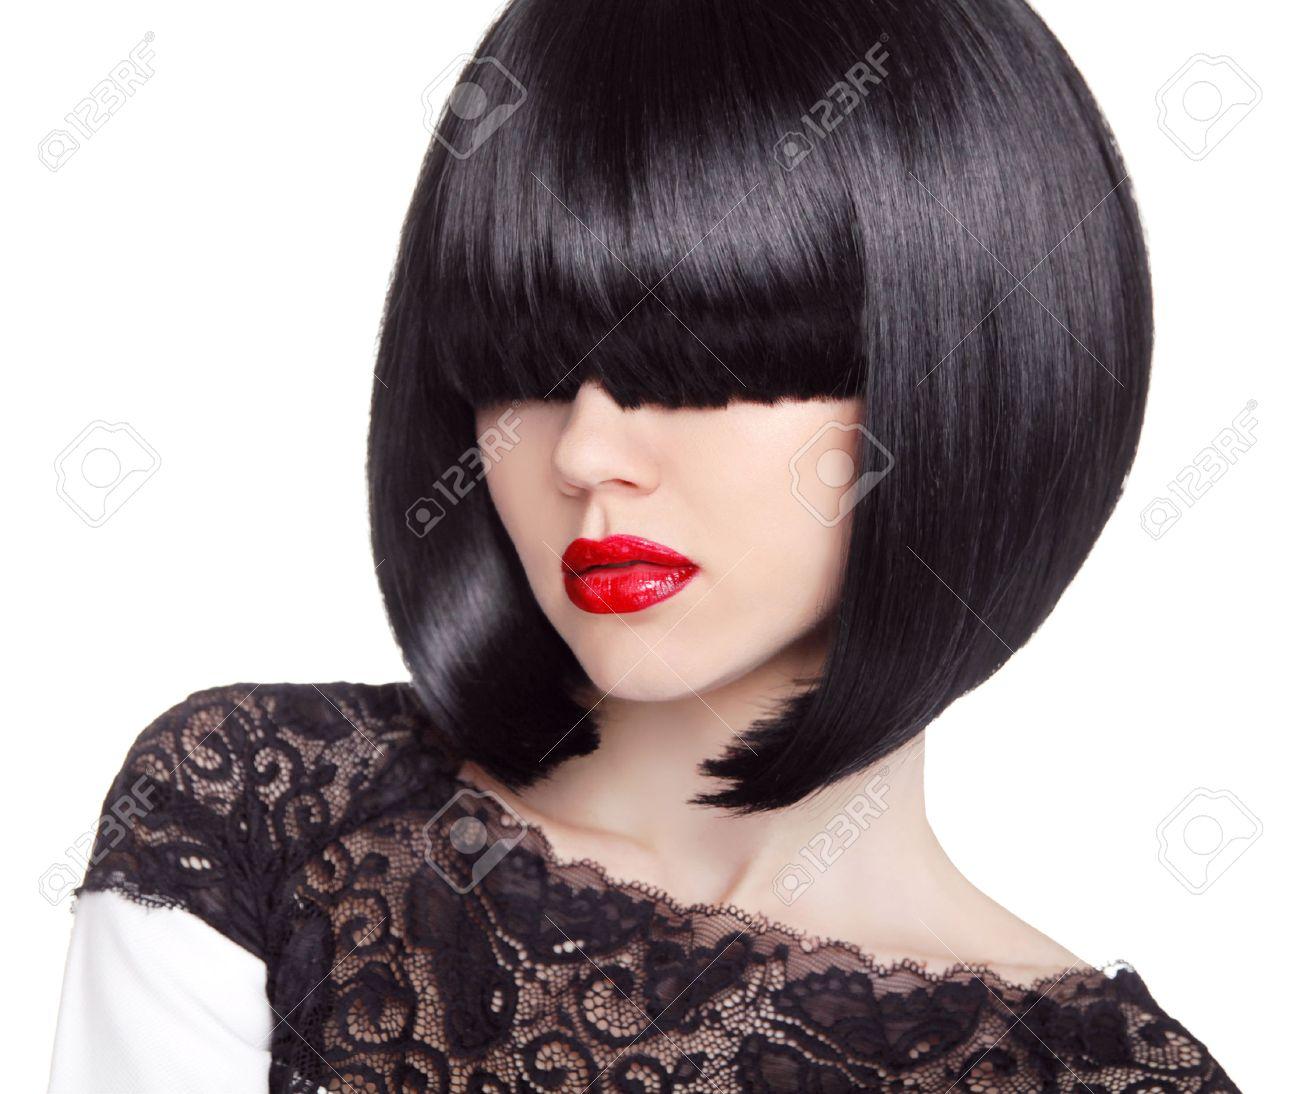 Fashion Bob Haircut Hairstyle Long Fringe Short Hair Style - Short hair bob girl